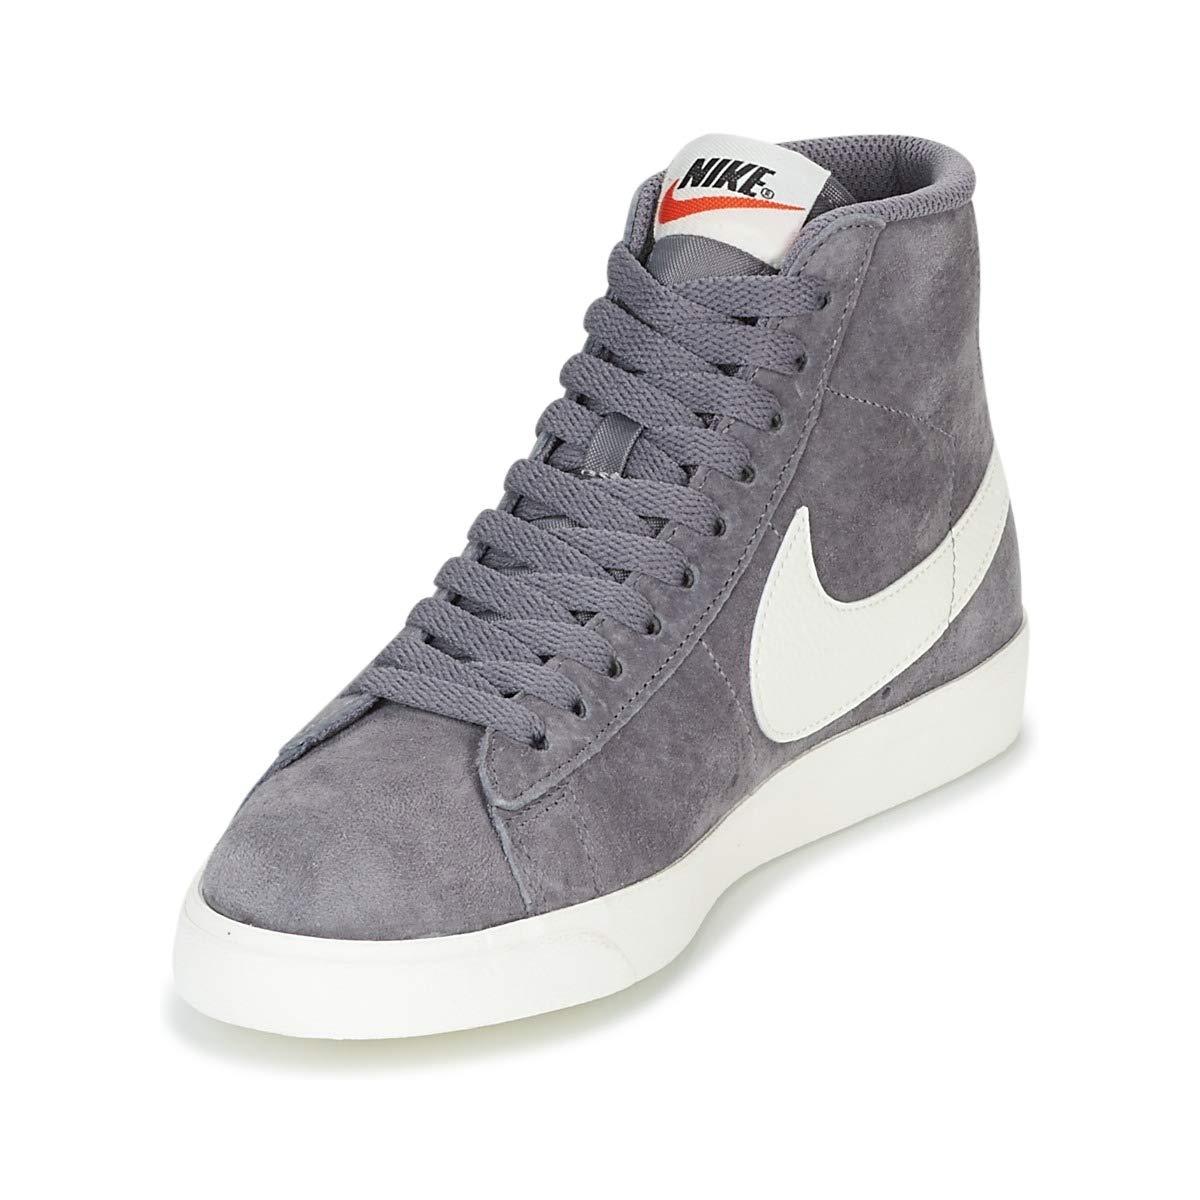 Nike Wmns Blazer Mid VNTG Suede Zapatillas de Deporte para Mujer